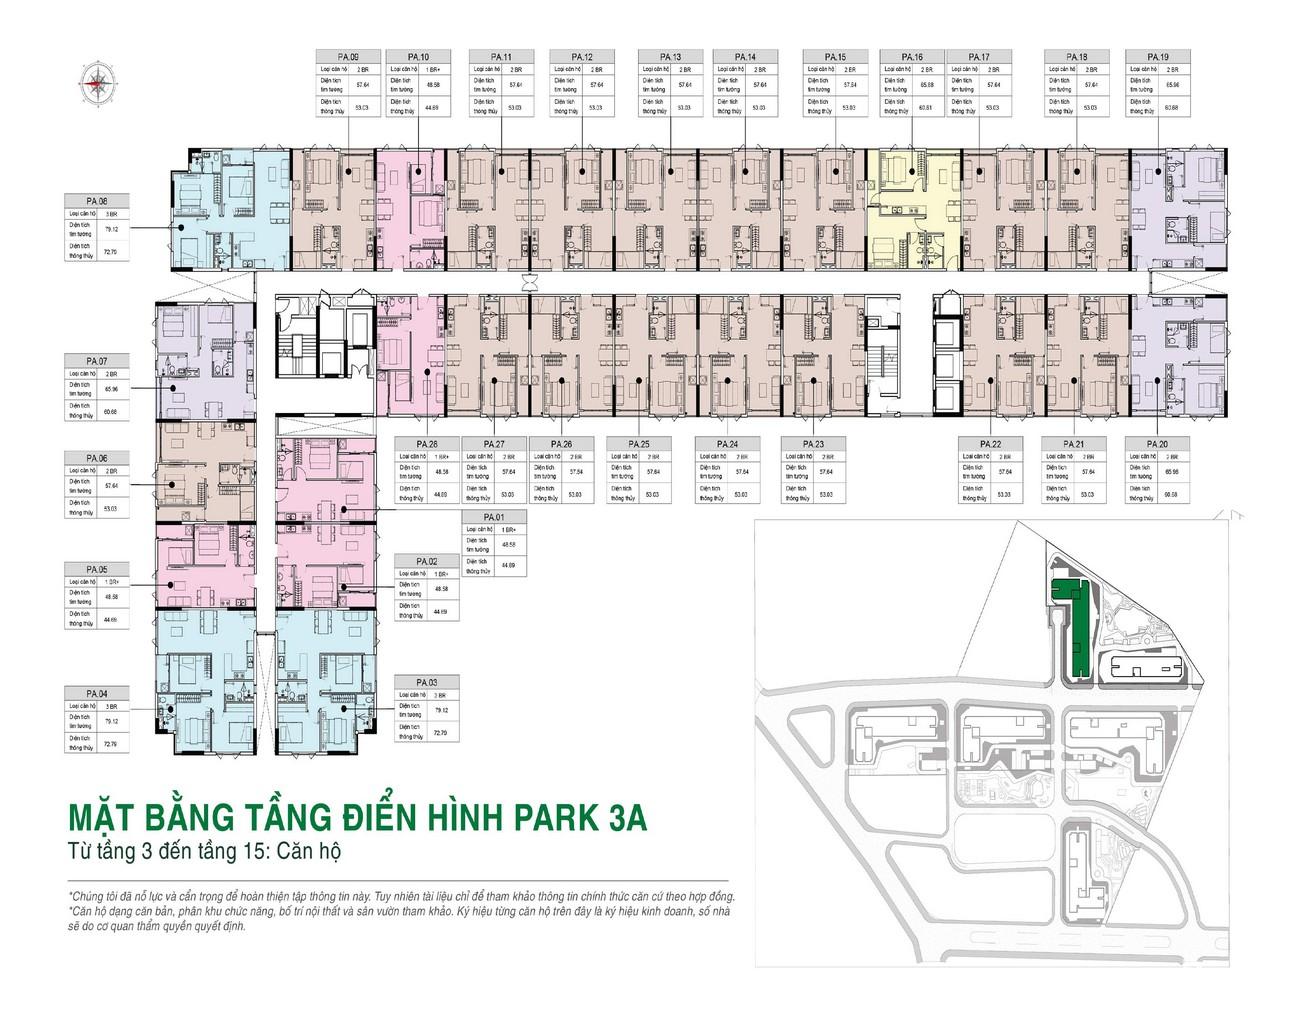 Mặt bằng tổng thể Park dự án căn hộ Picity High Park Quận 12